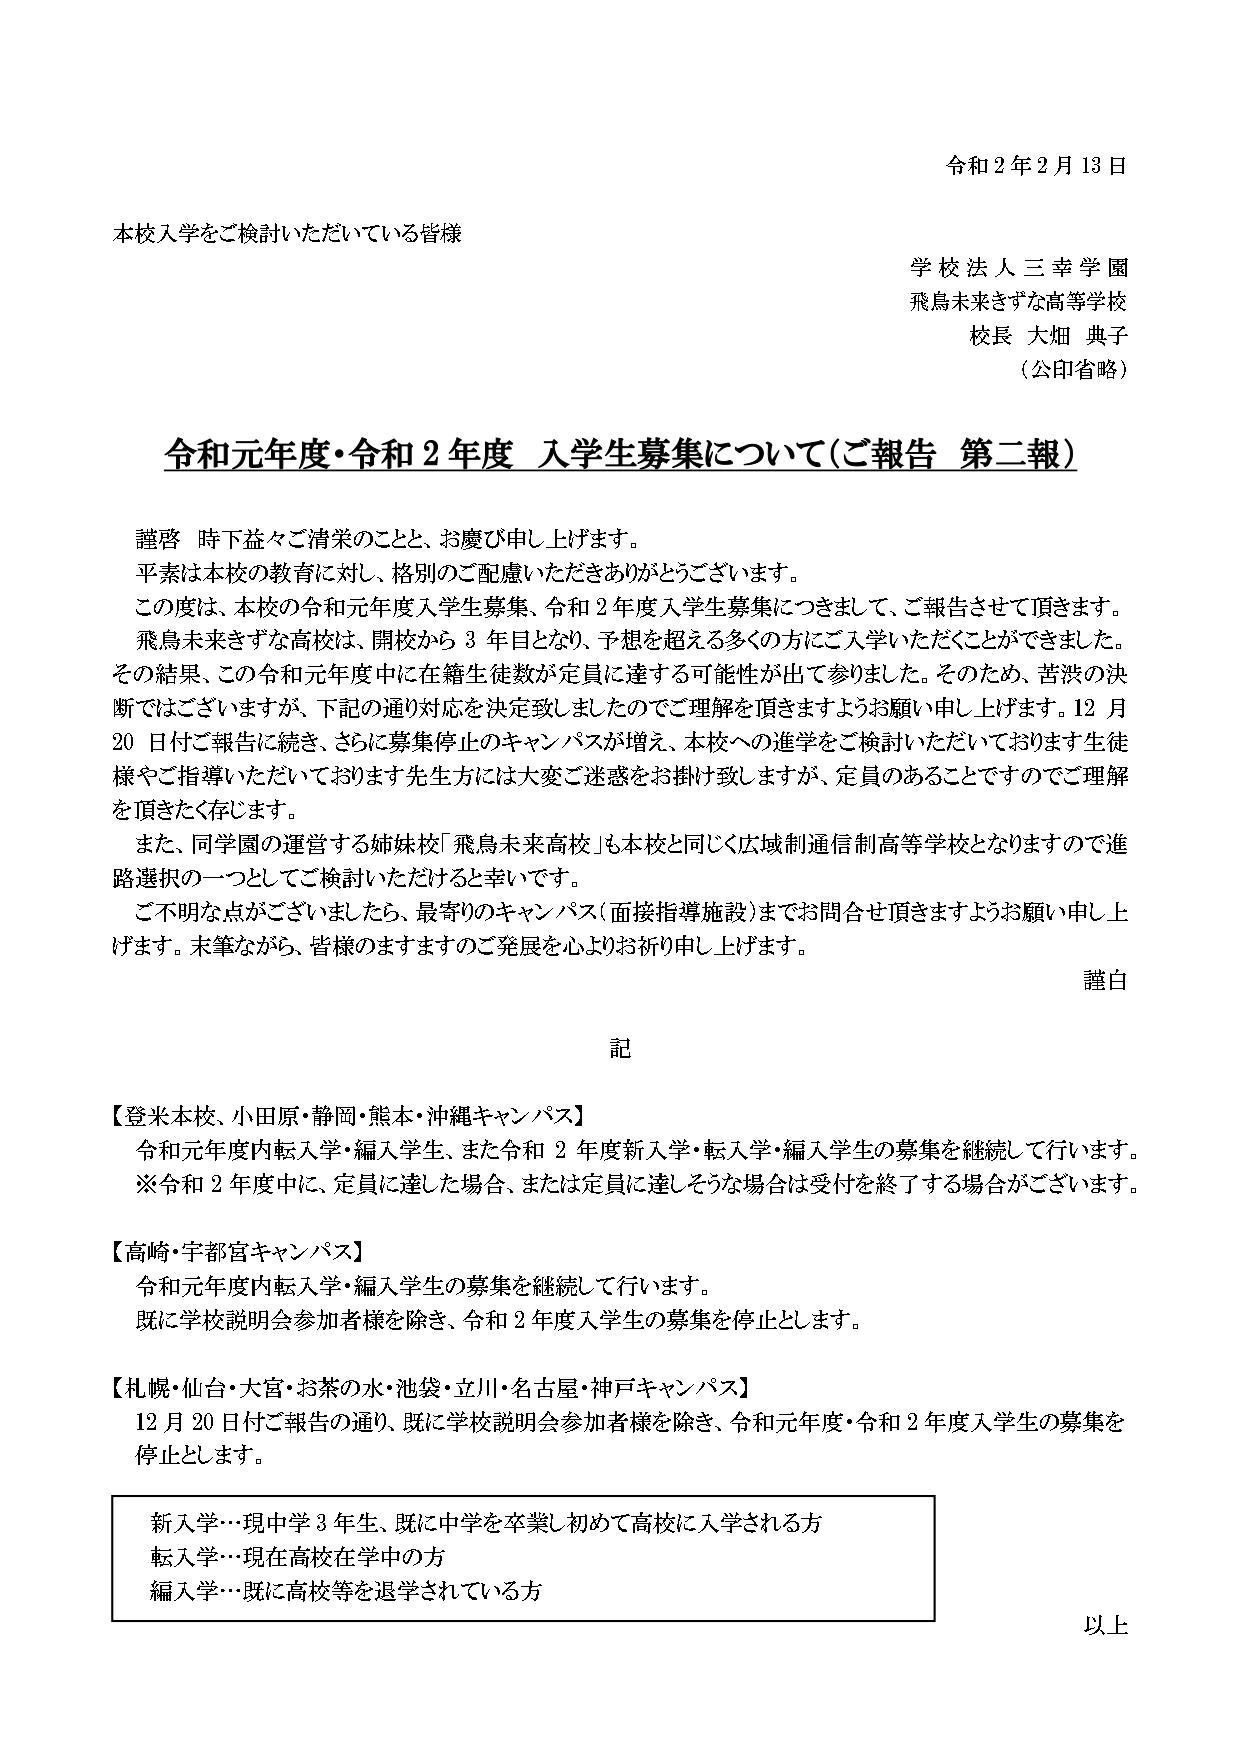 きずな【募集について】HP掲載文書20200213_page-0001.jpg